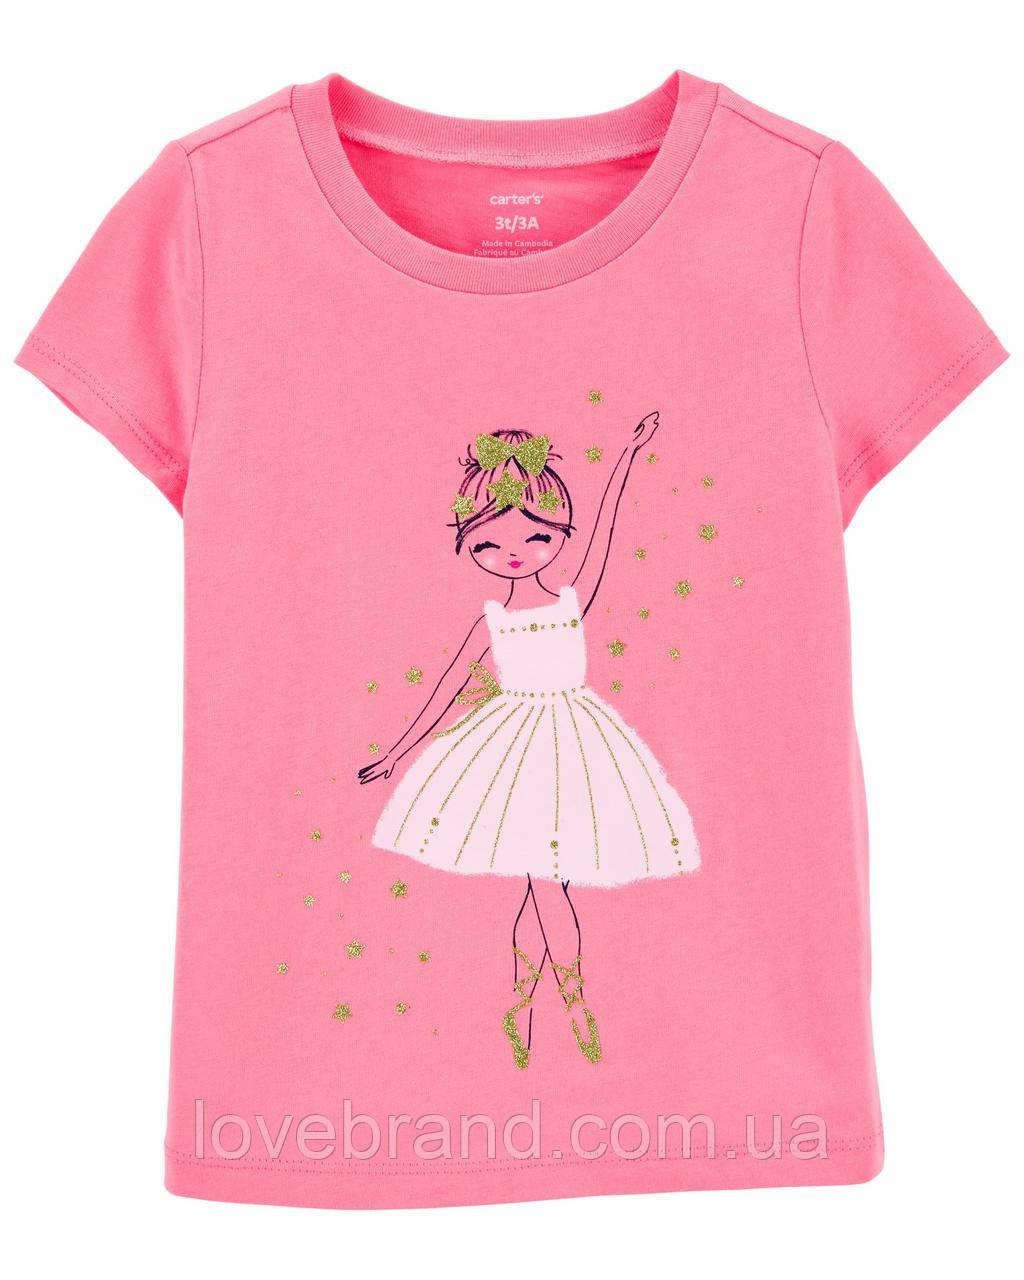 """Фирменная футболка для девочки """"Баллерина"""" Carter's розовая"""